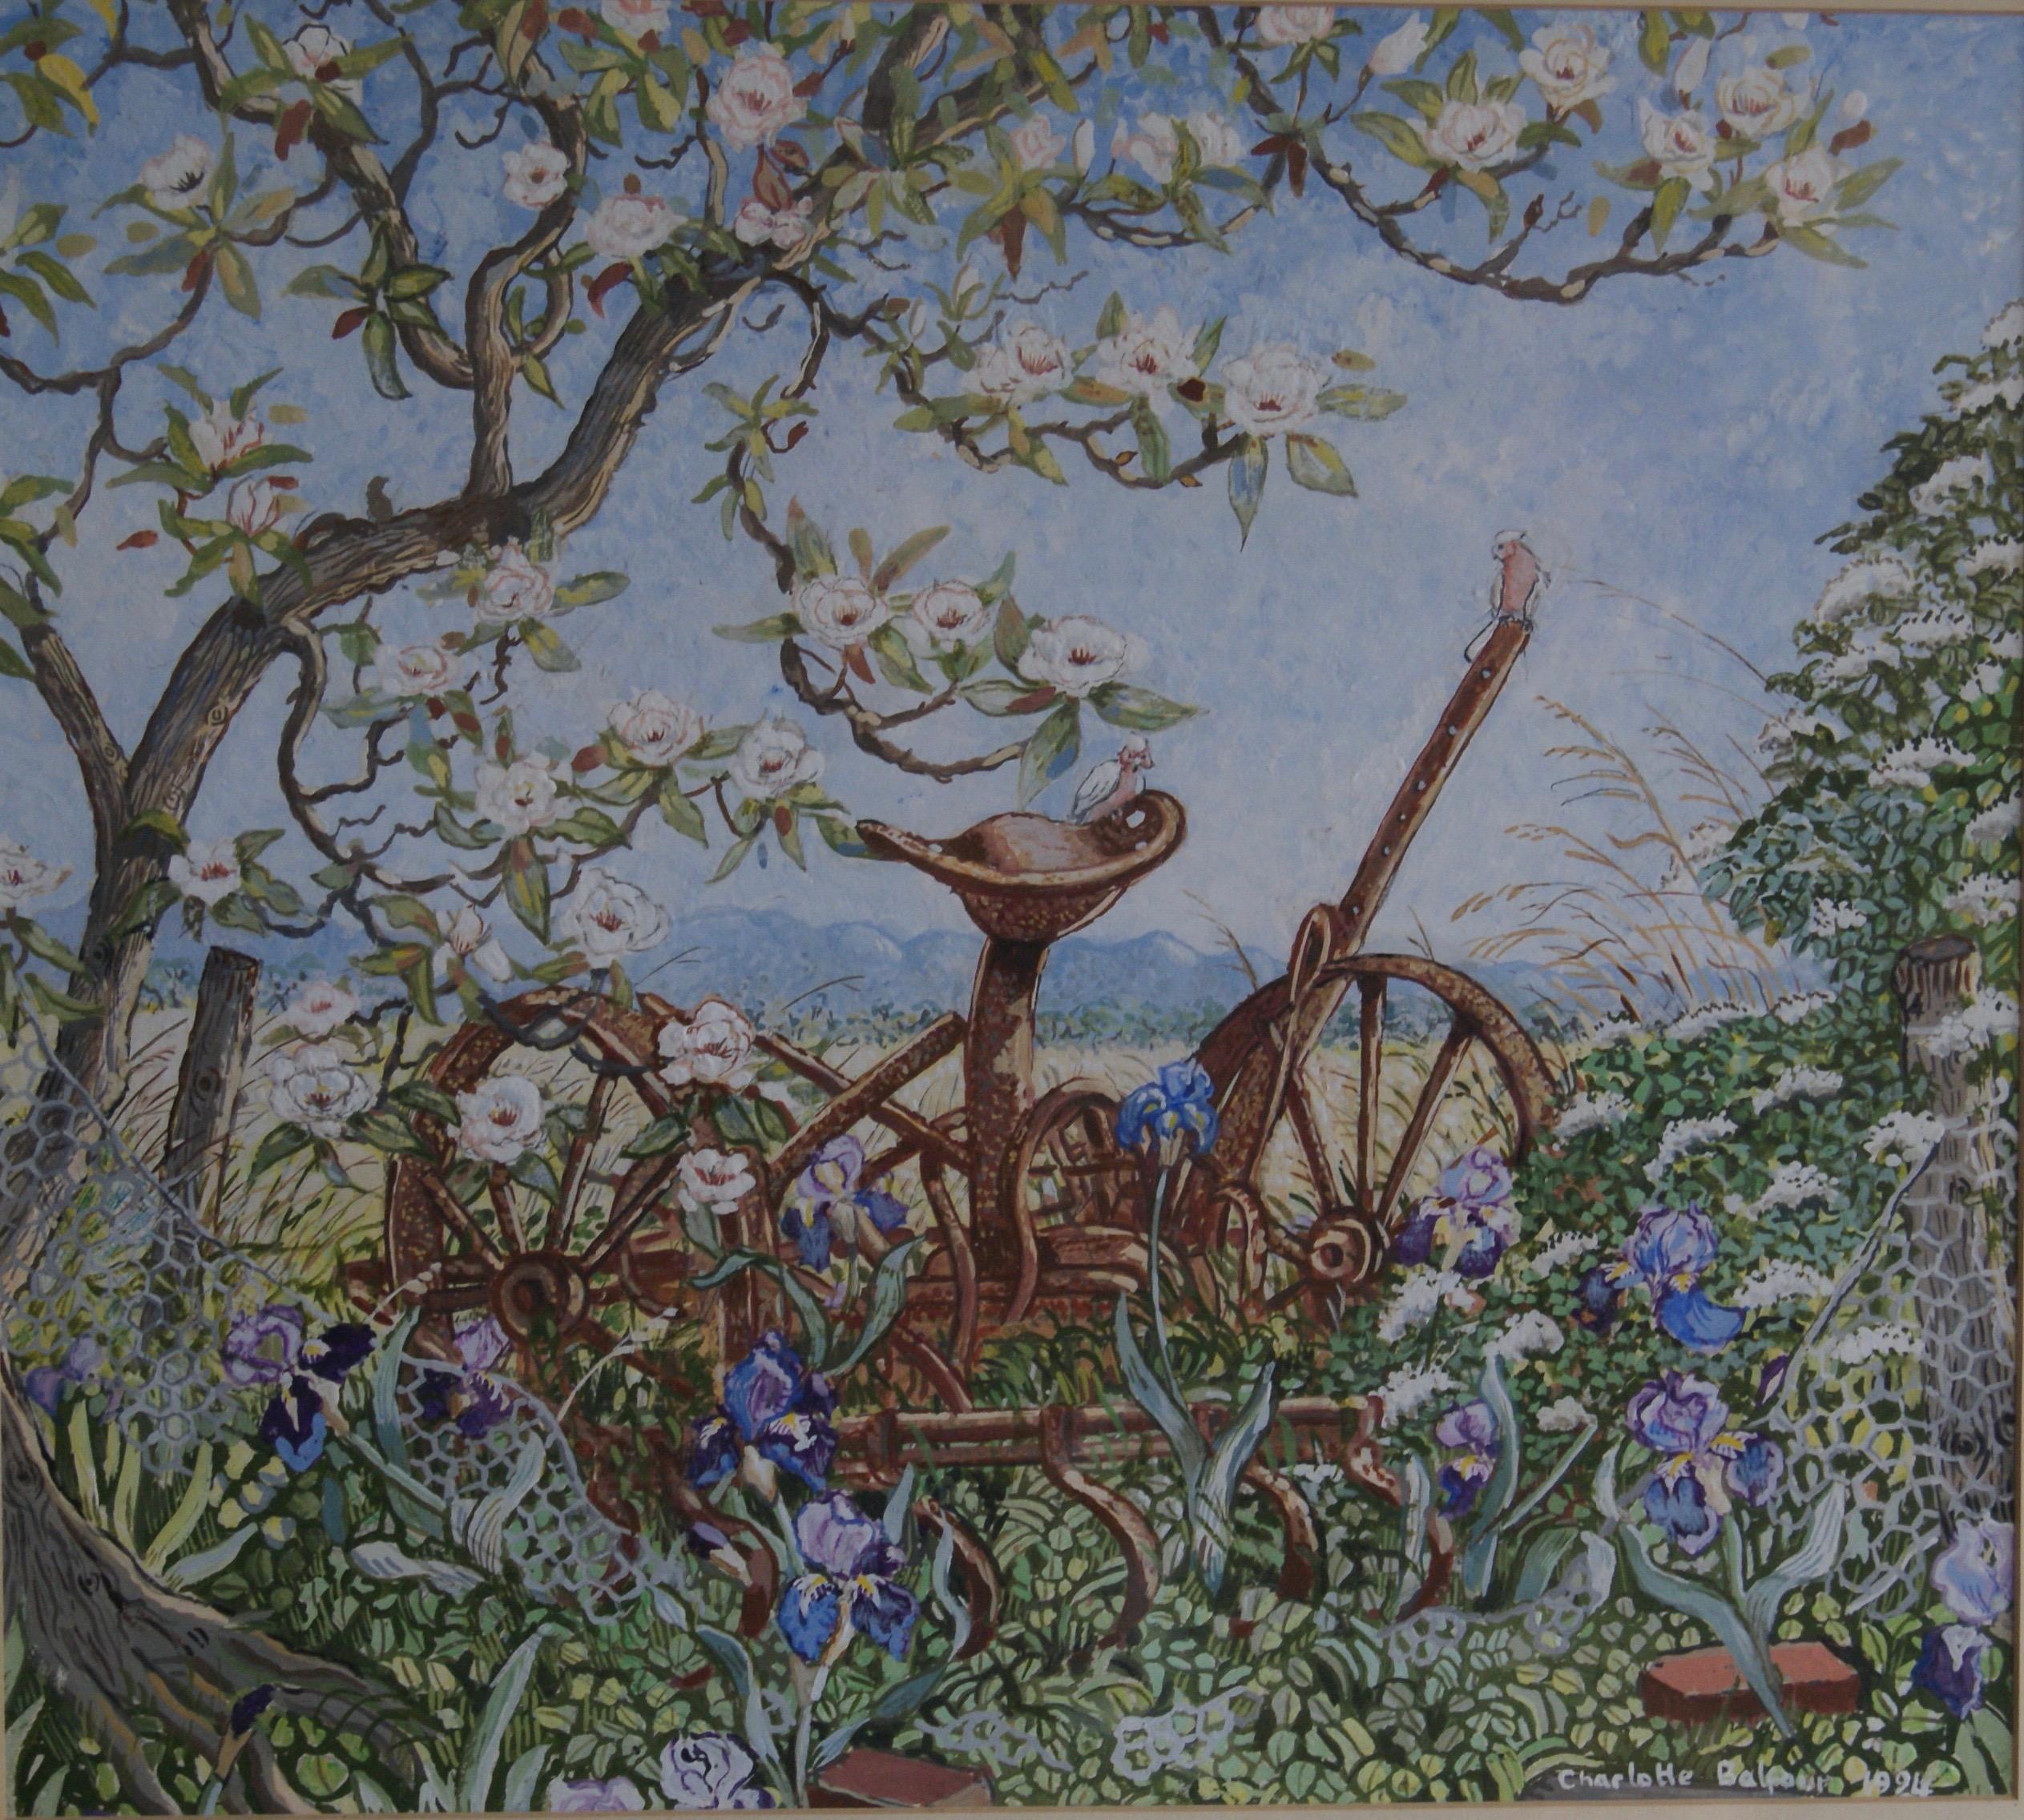 Harvester image